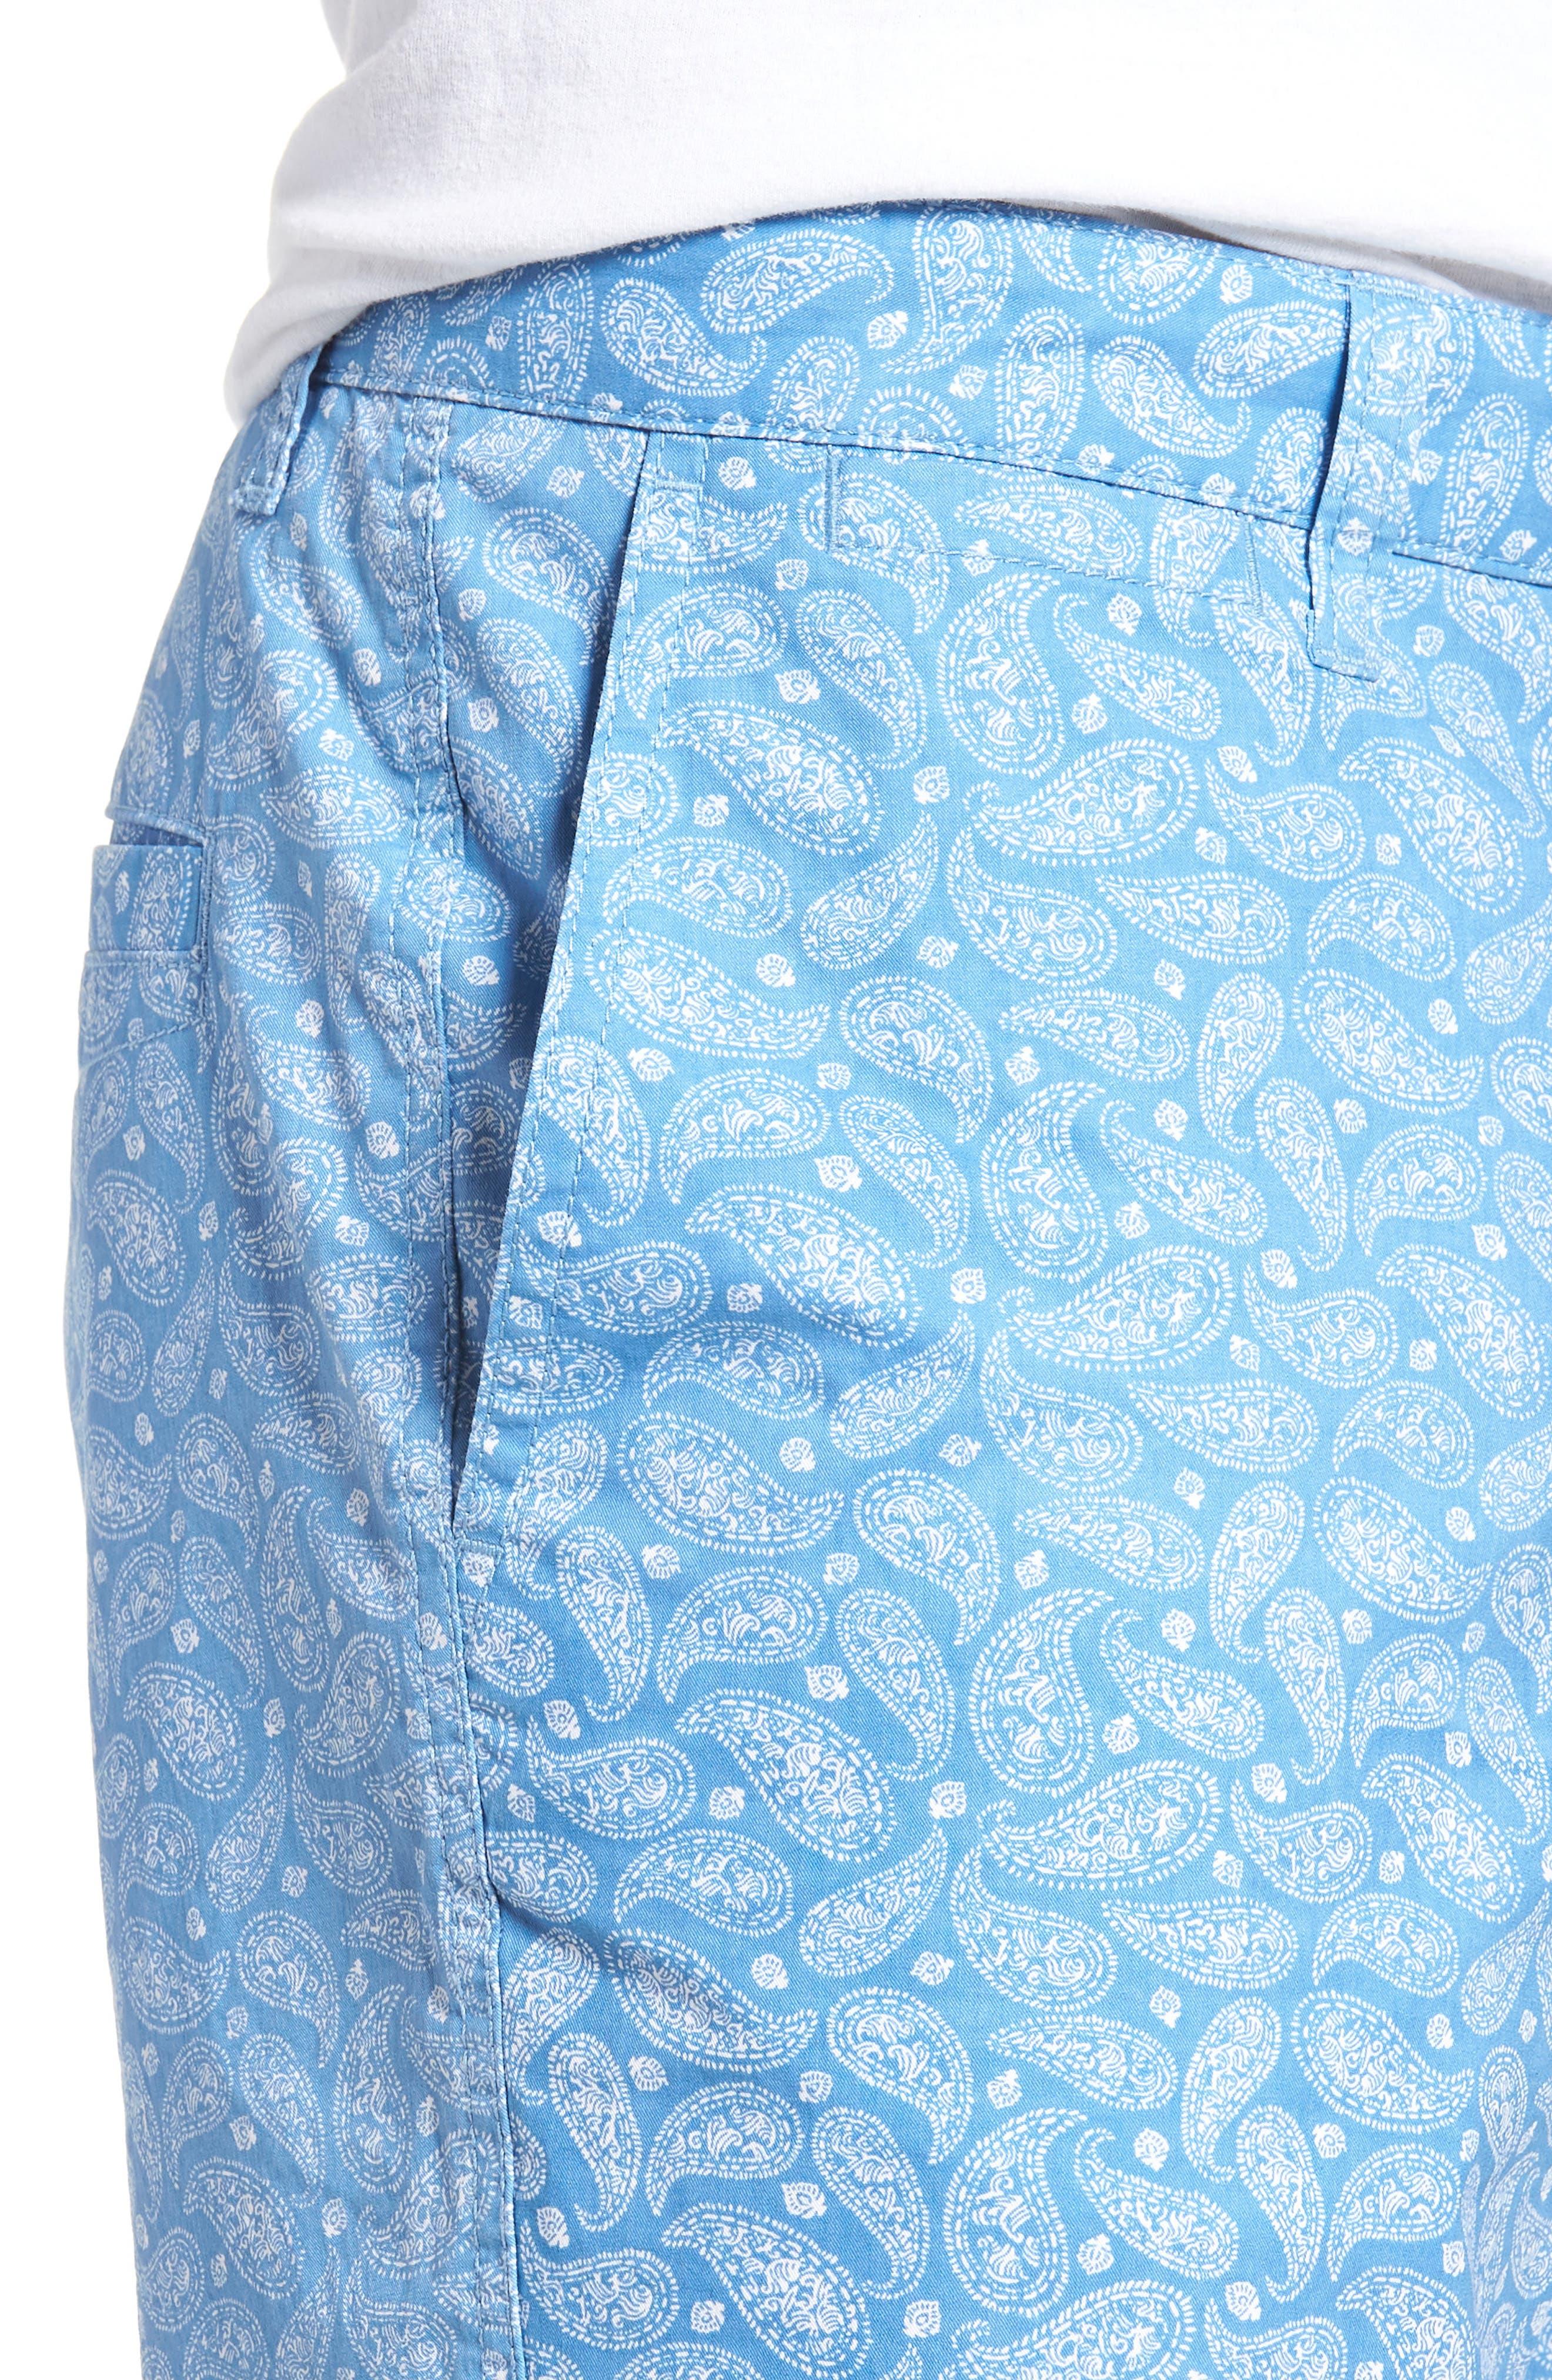 Bandana Paisley Print Shorts,                             Alternate thumbnail 4, color,                             Blue Lake Bandana Paisley